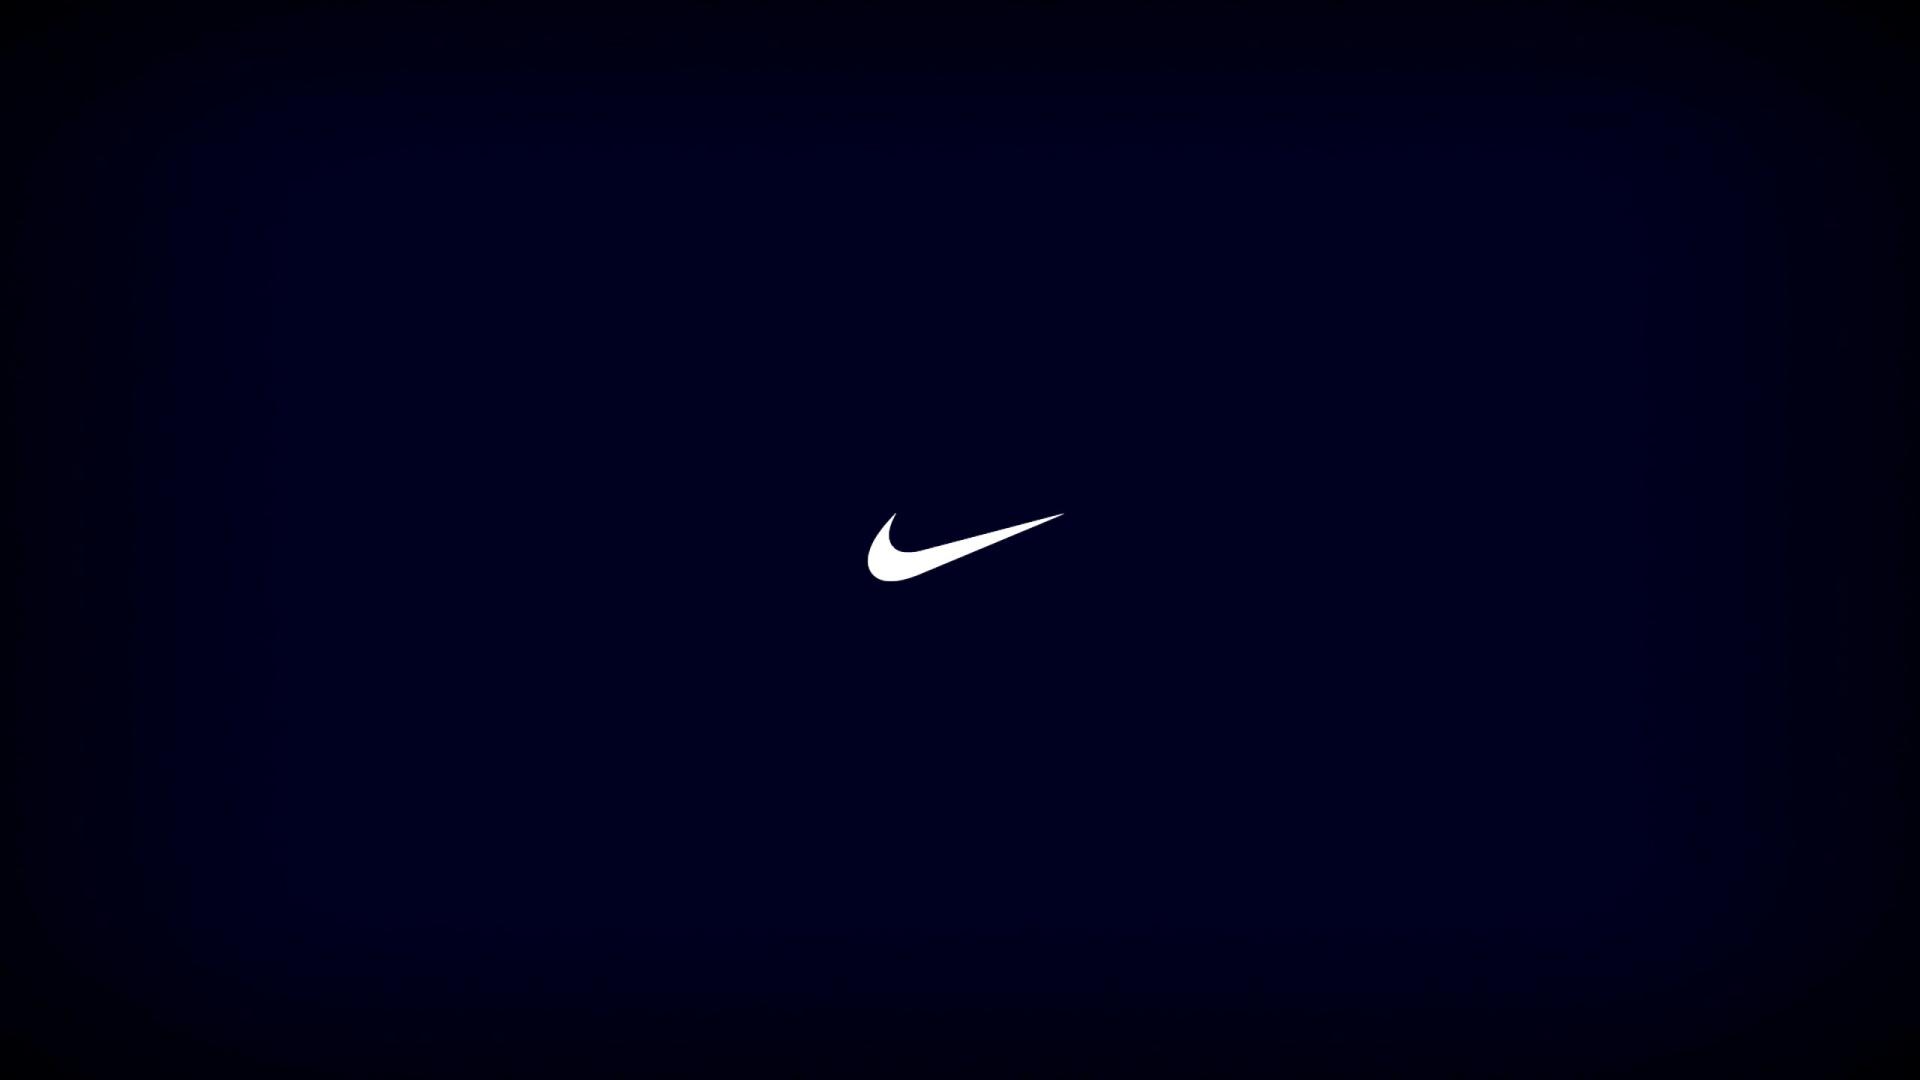 <b>Blue Nike Wallpaper</b> - WallpaperSafari